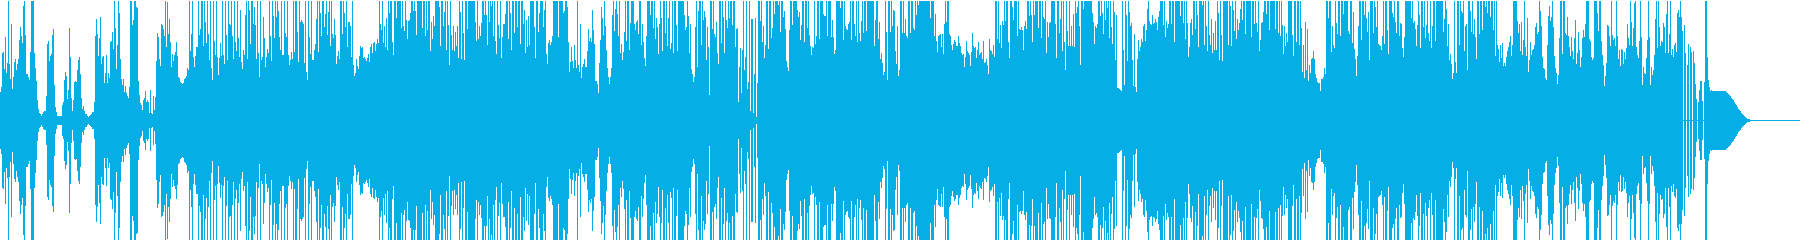 ハープシコードを用いたHipHopの再生済みの波形